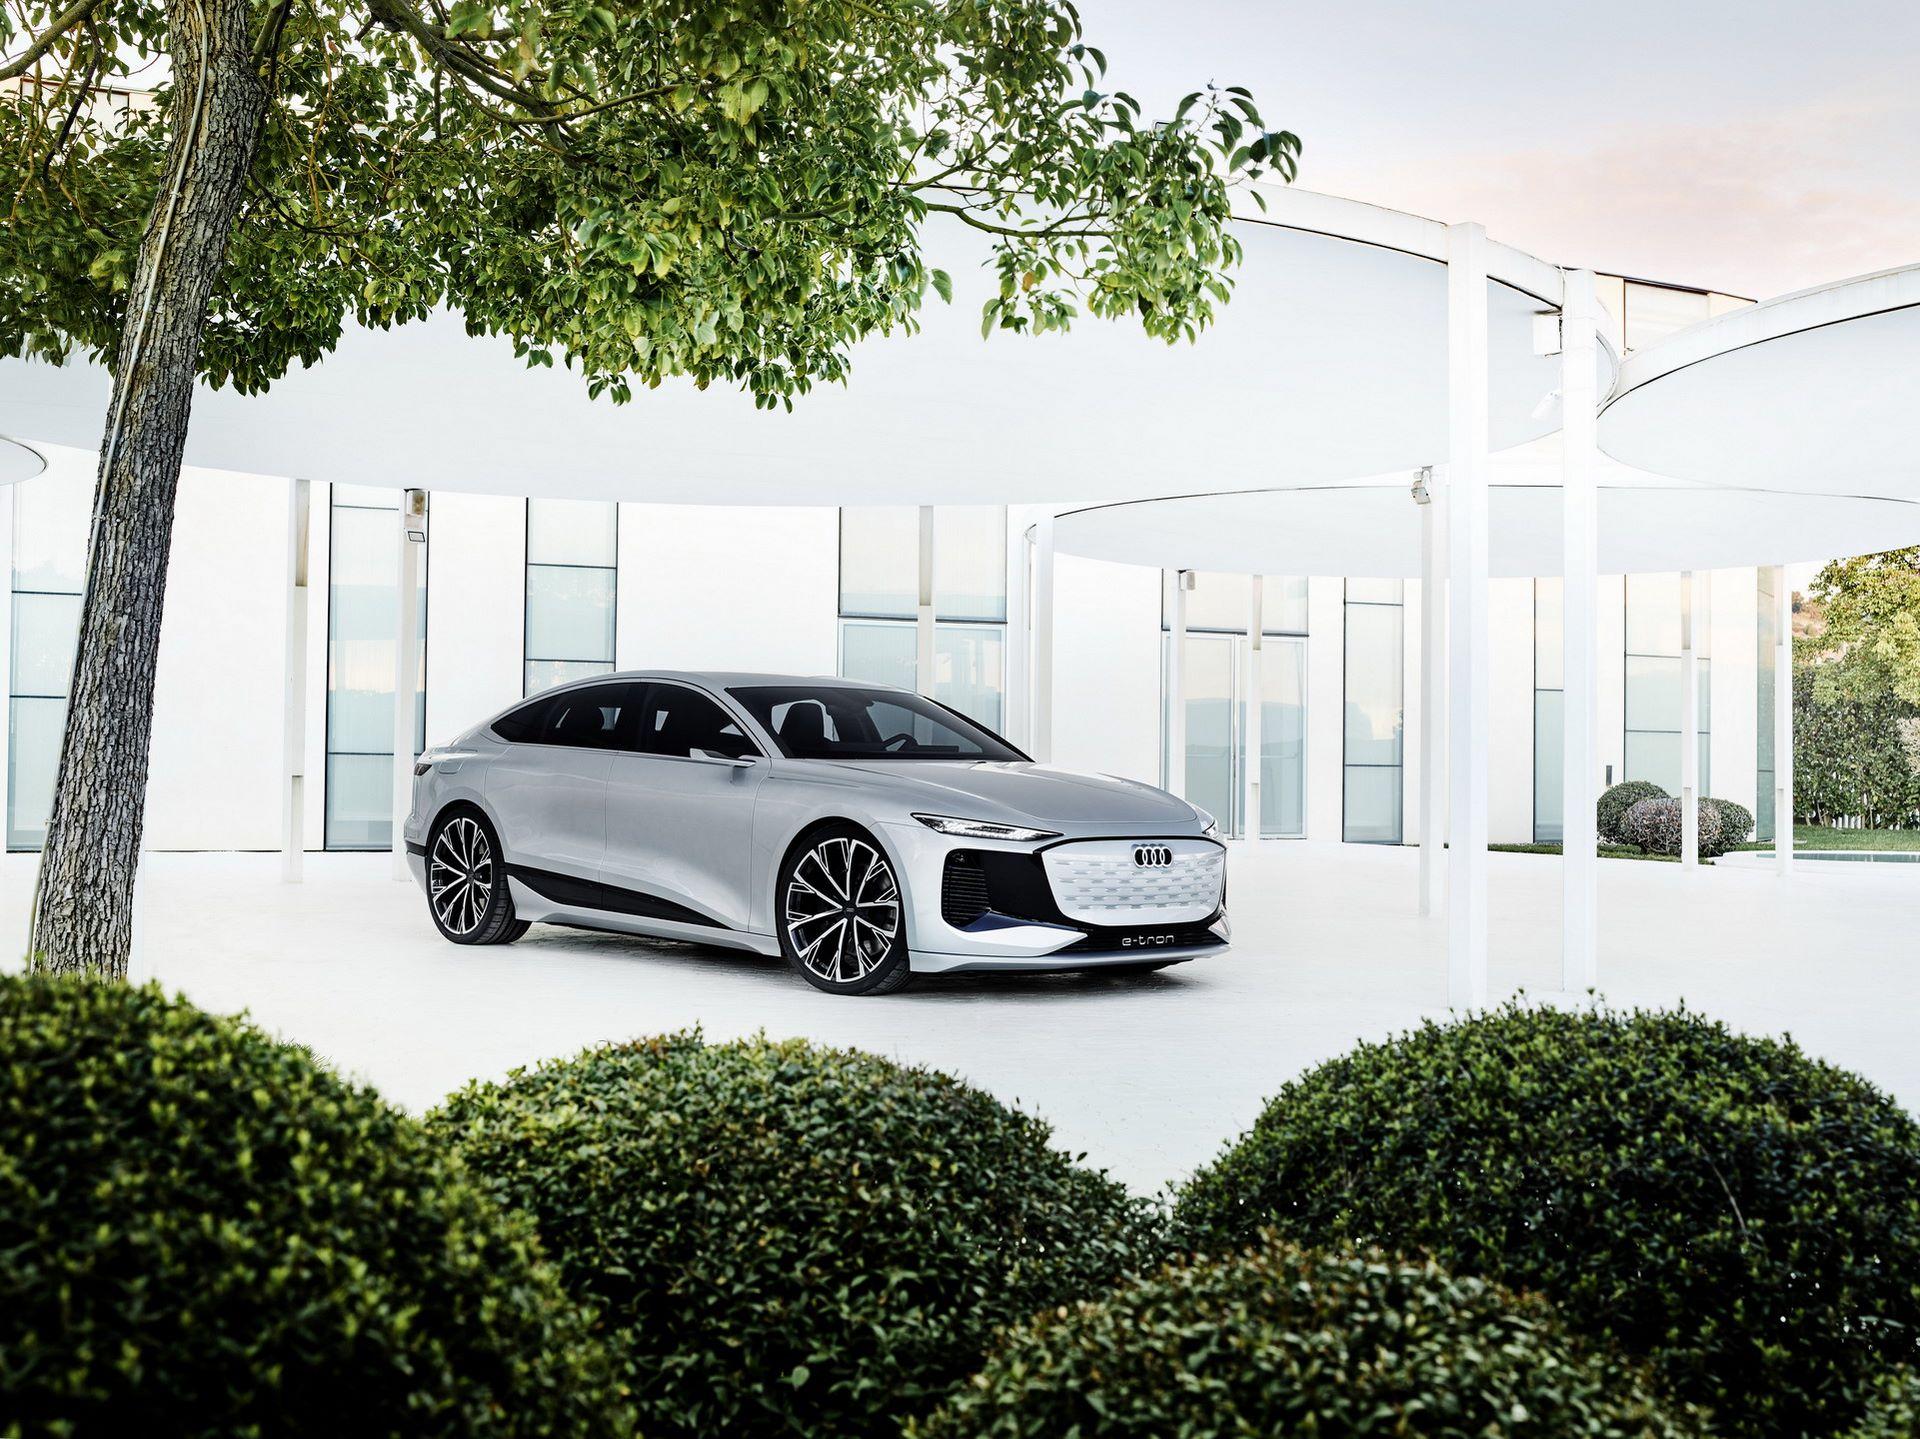 Audi-A6-e-tron-concept-28